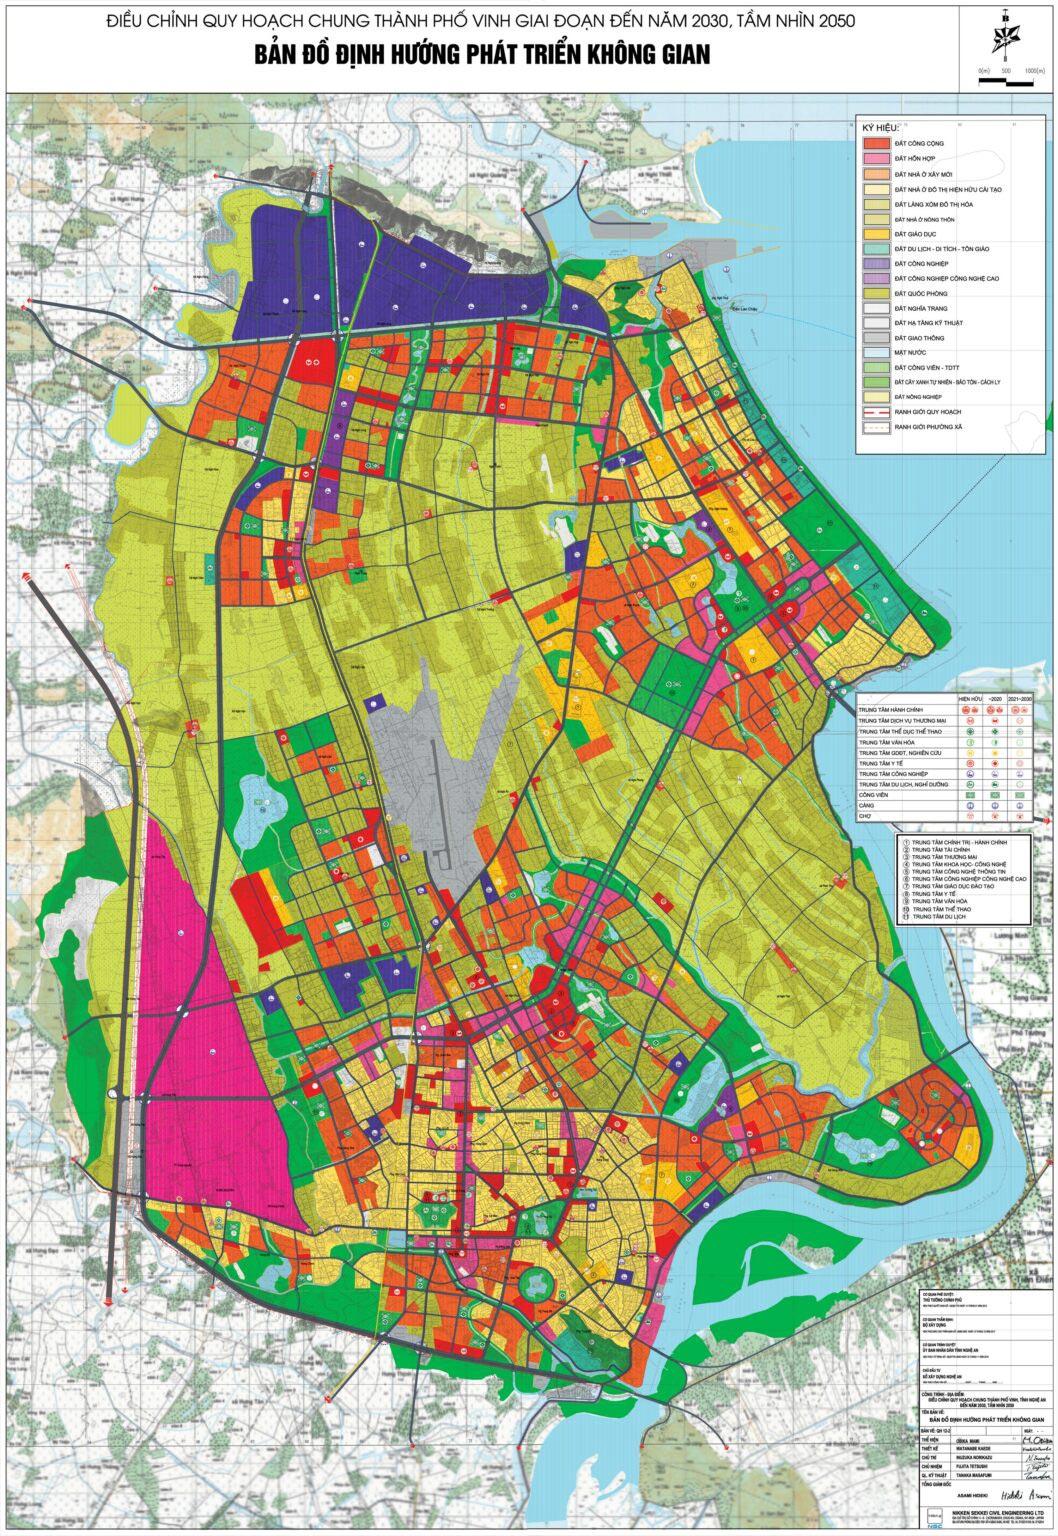 Bản đồ định hướng quy hoạch tại TP Vinh đến 2030